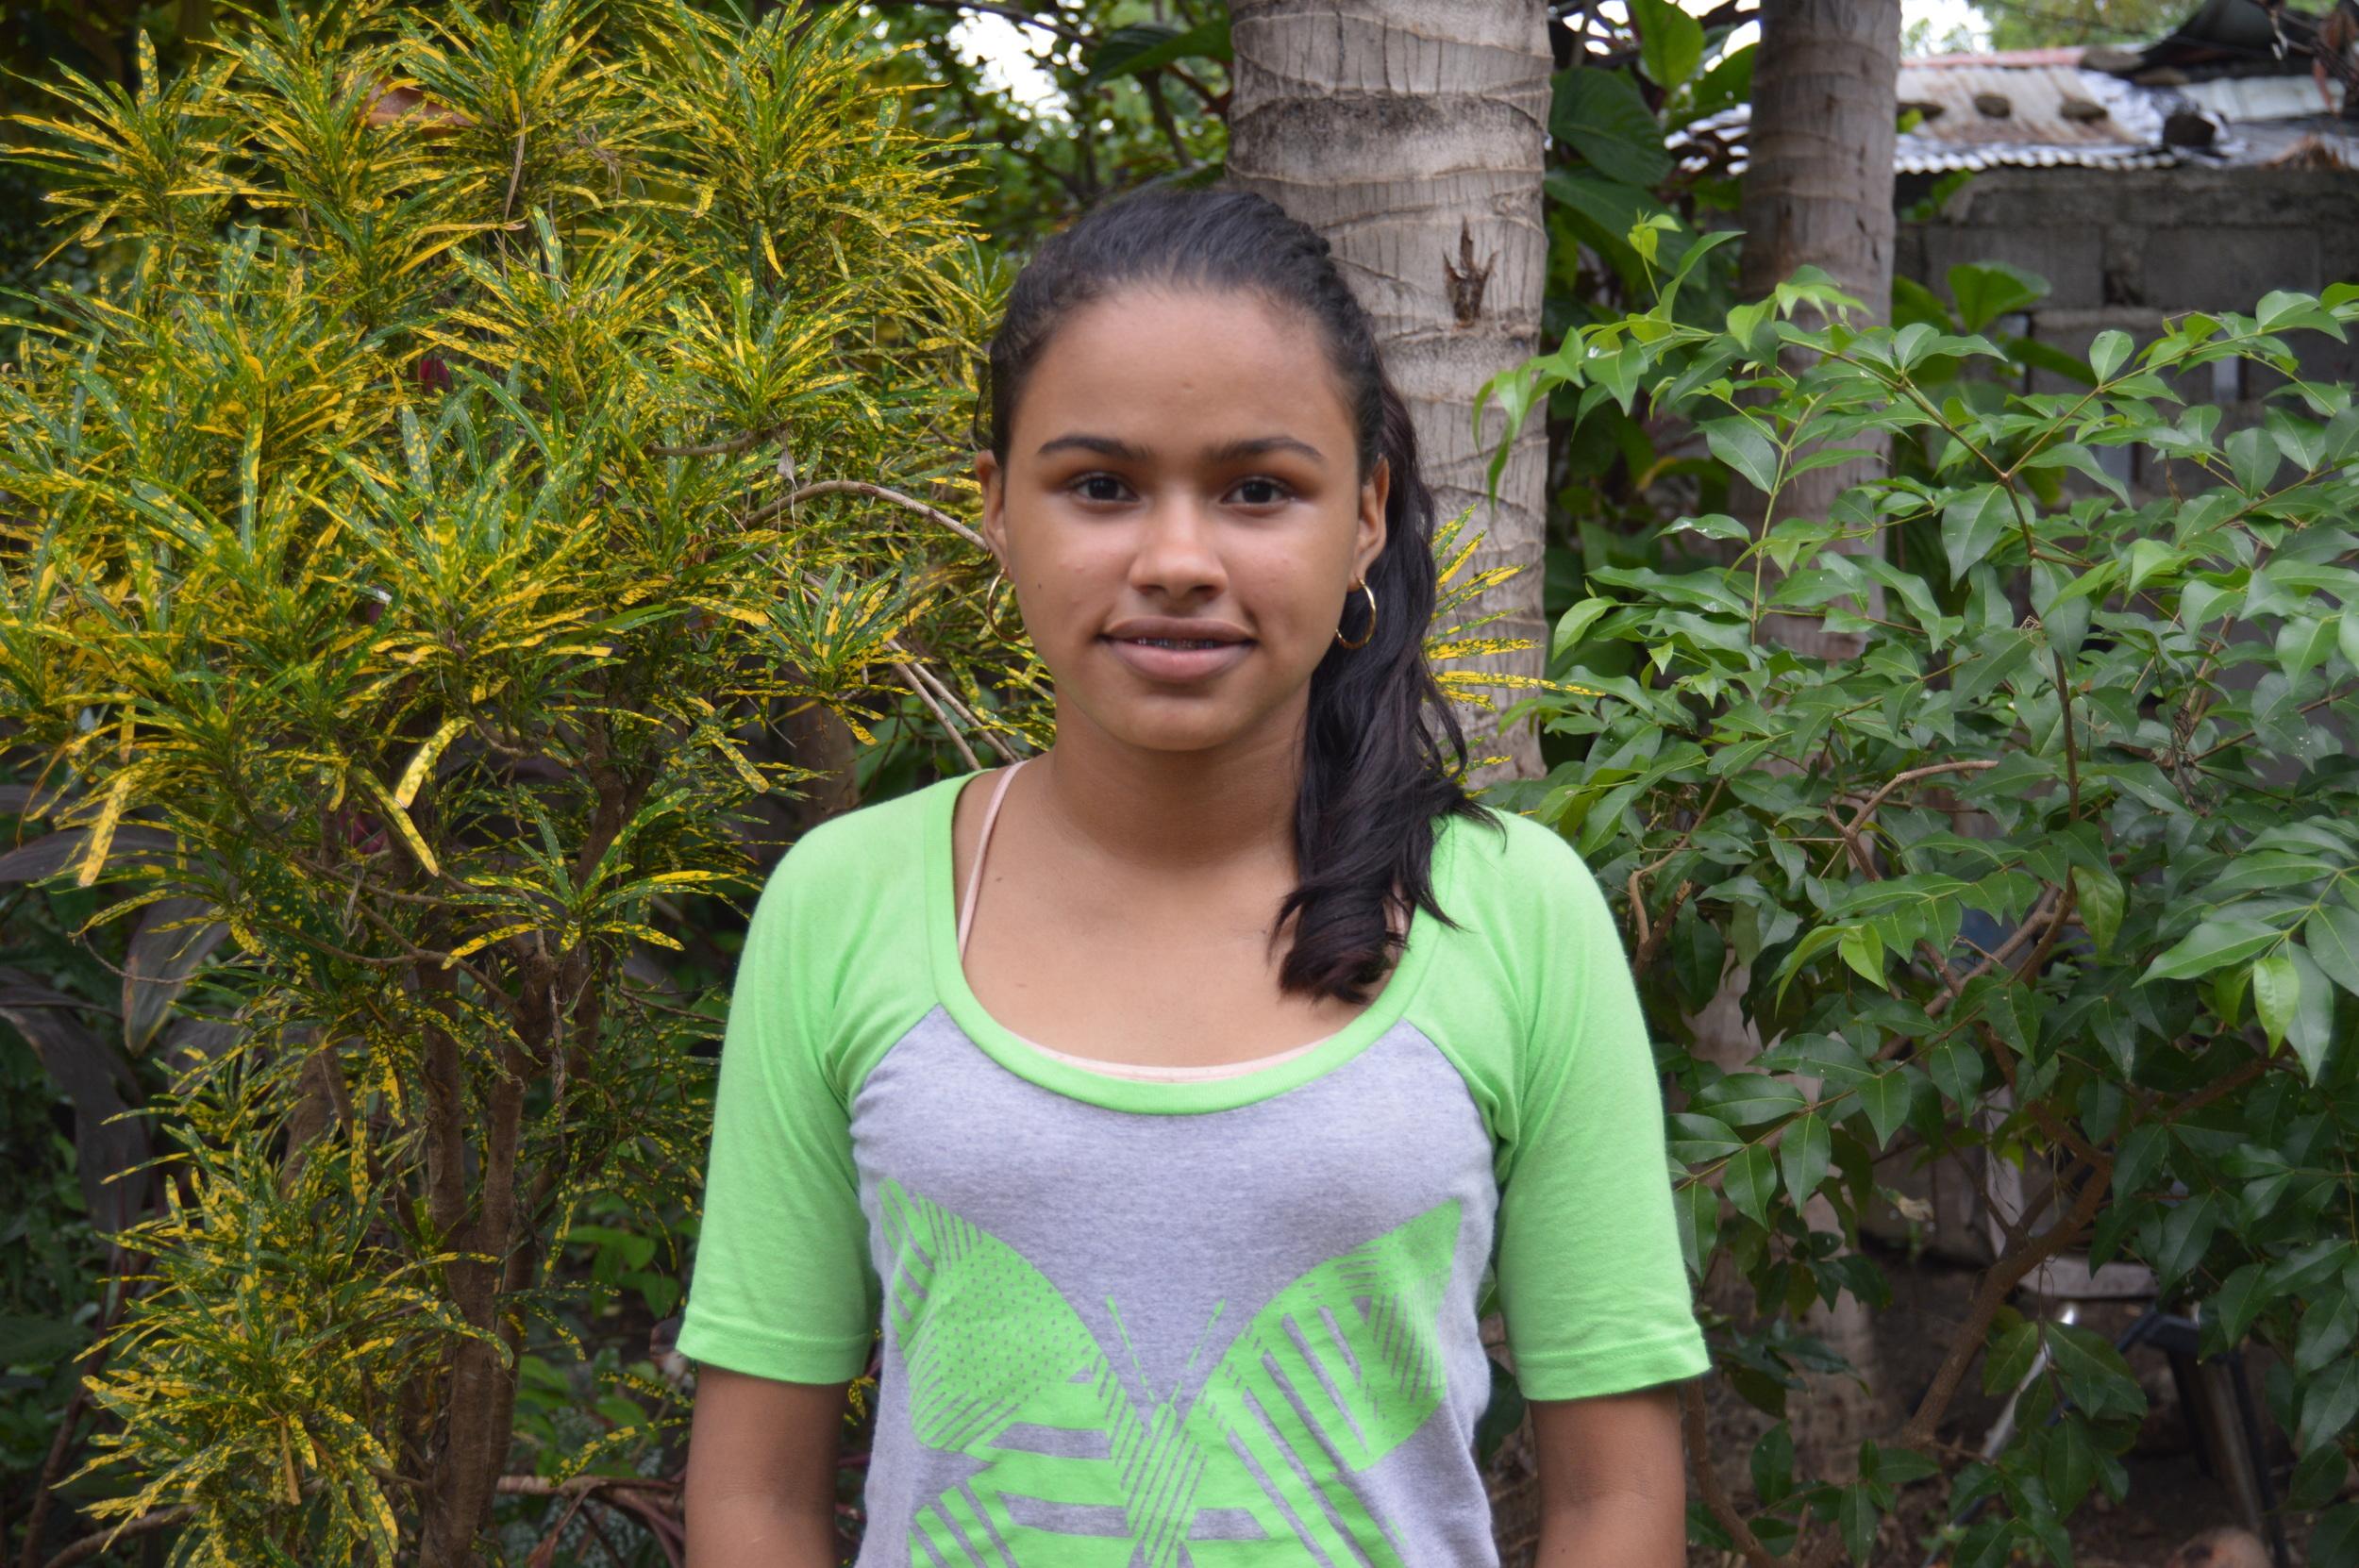 Tatianna Castillo